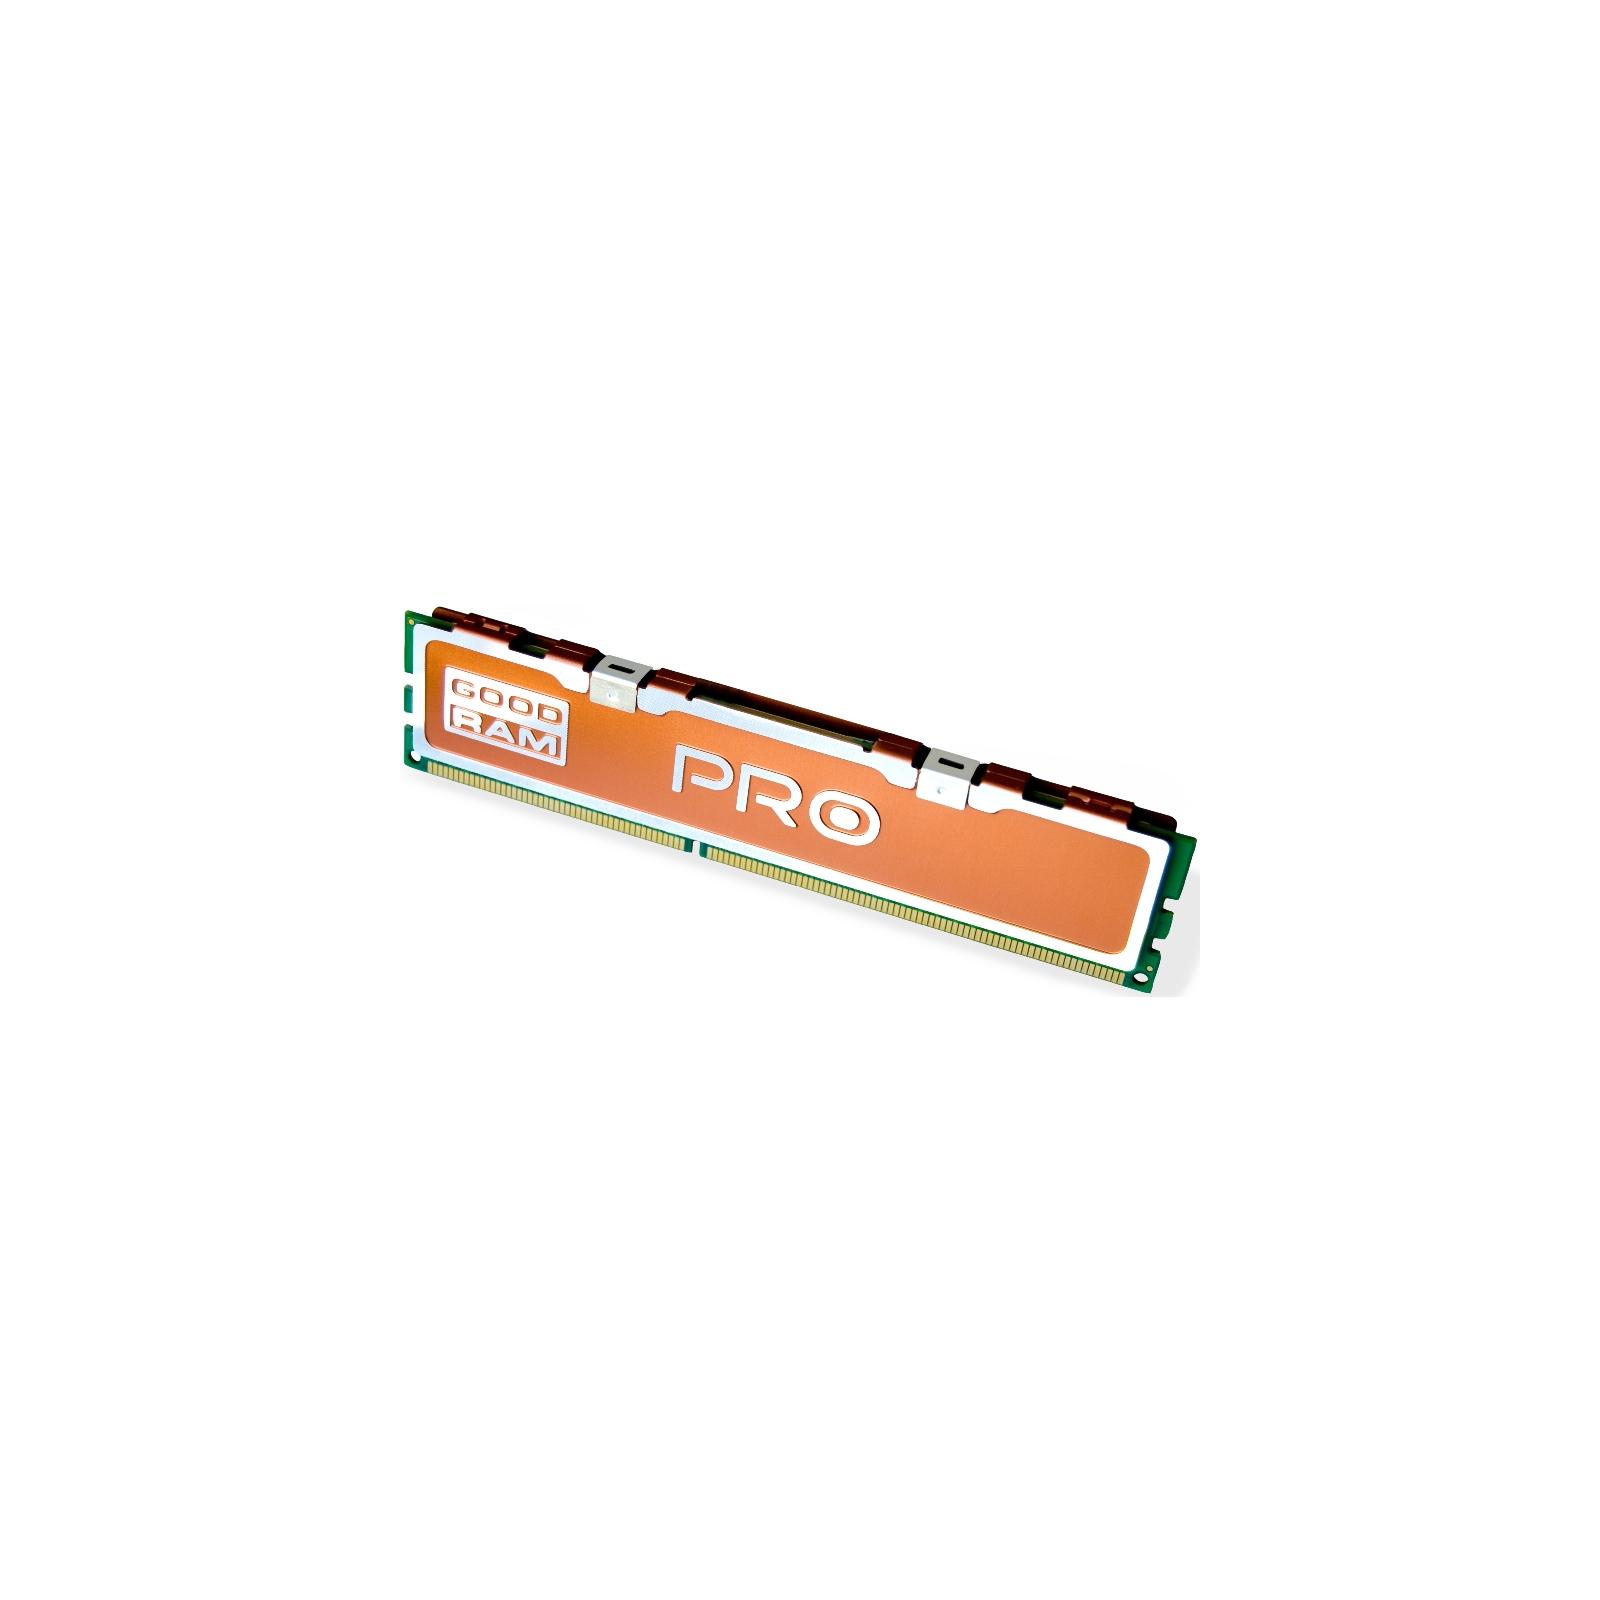 Модуль памяти для компьютера DDR3 4Gb 2400 MHz PRO GOODRAM (GP2400D364L11S/4G) изображение 3